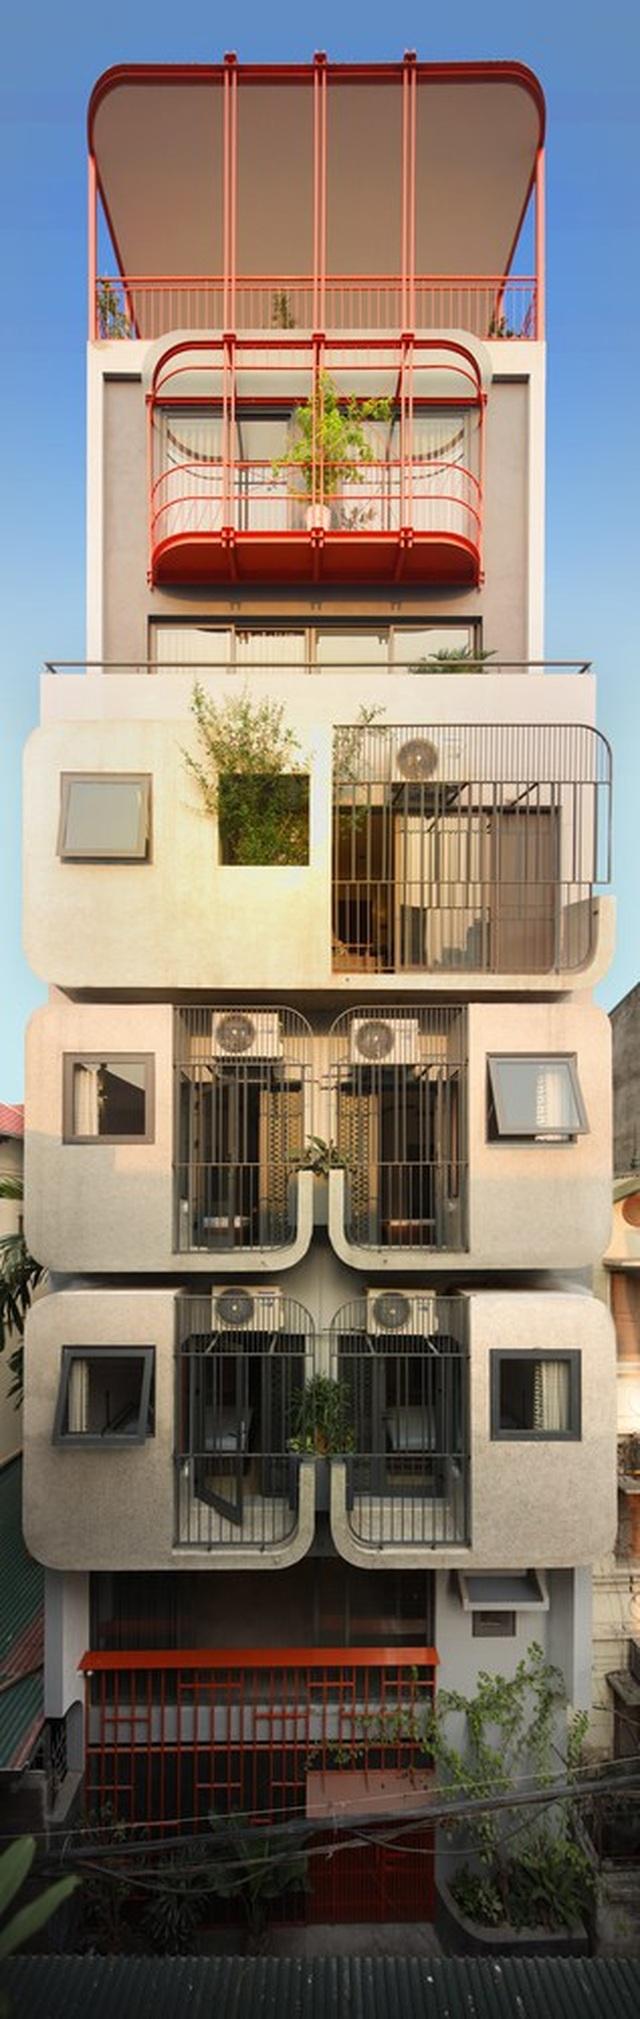 Nhà 7 tầng ở Hà Nội đẹp như tranh, mỗi phòng một phong cách độc đáo - 1